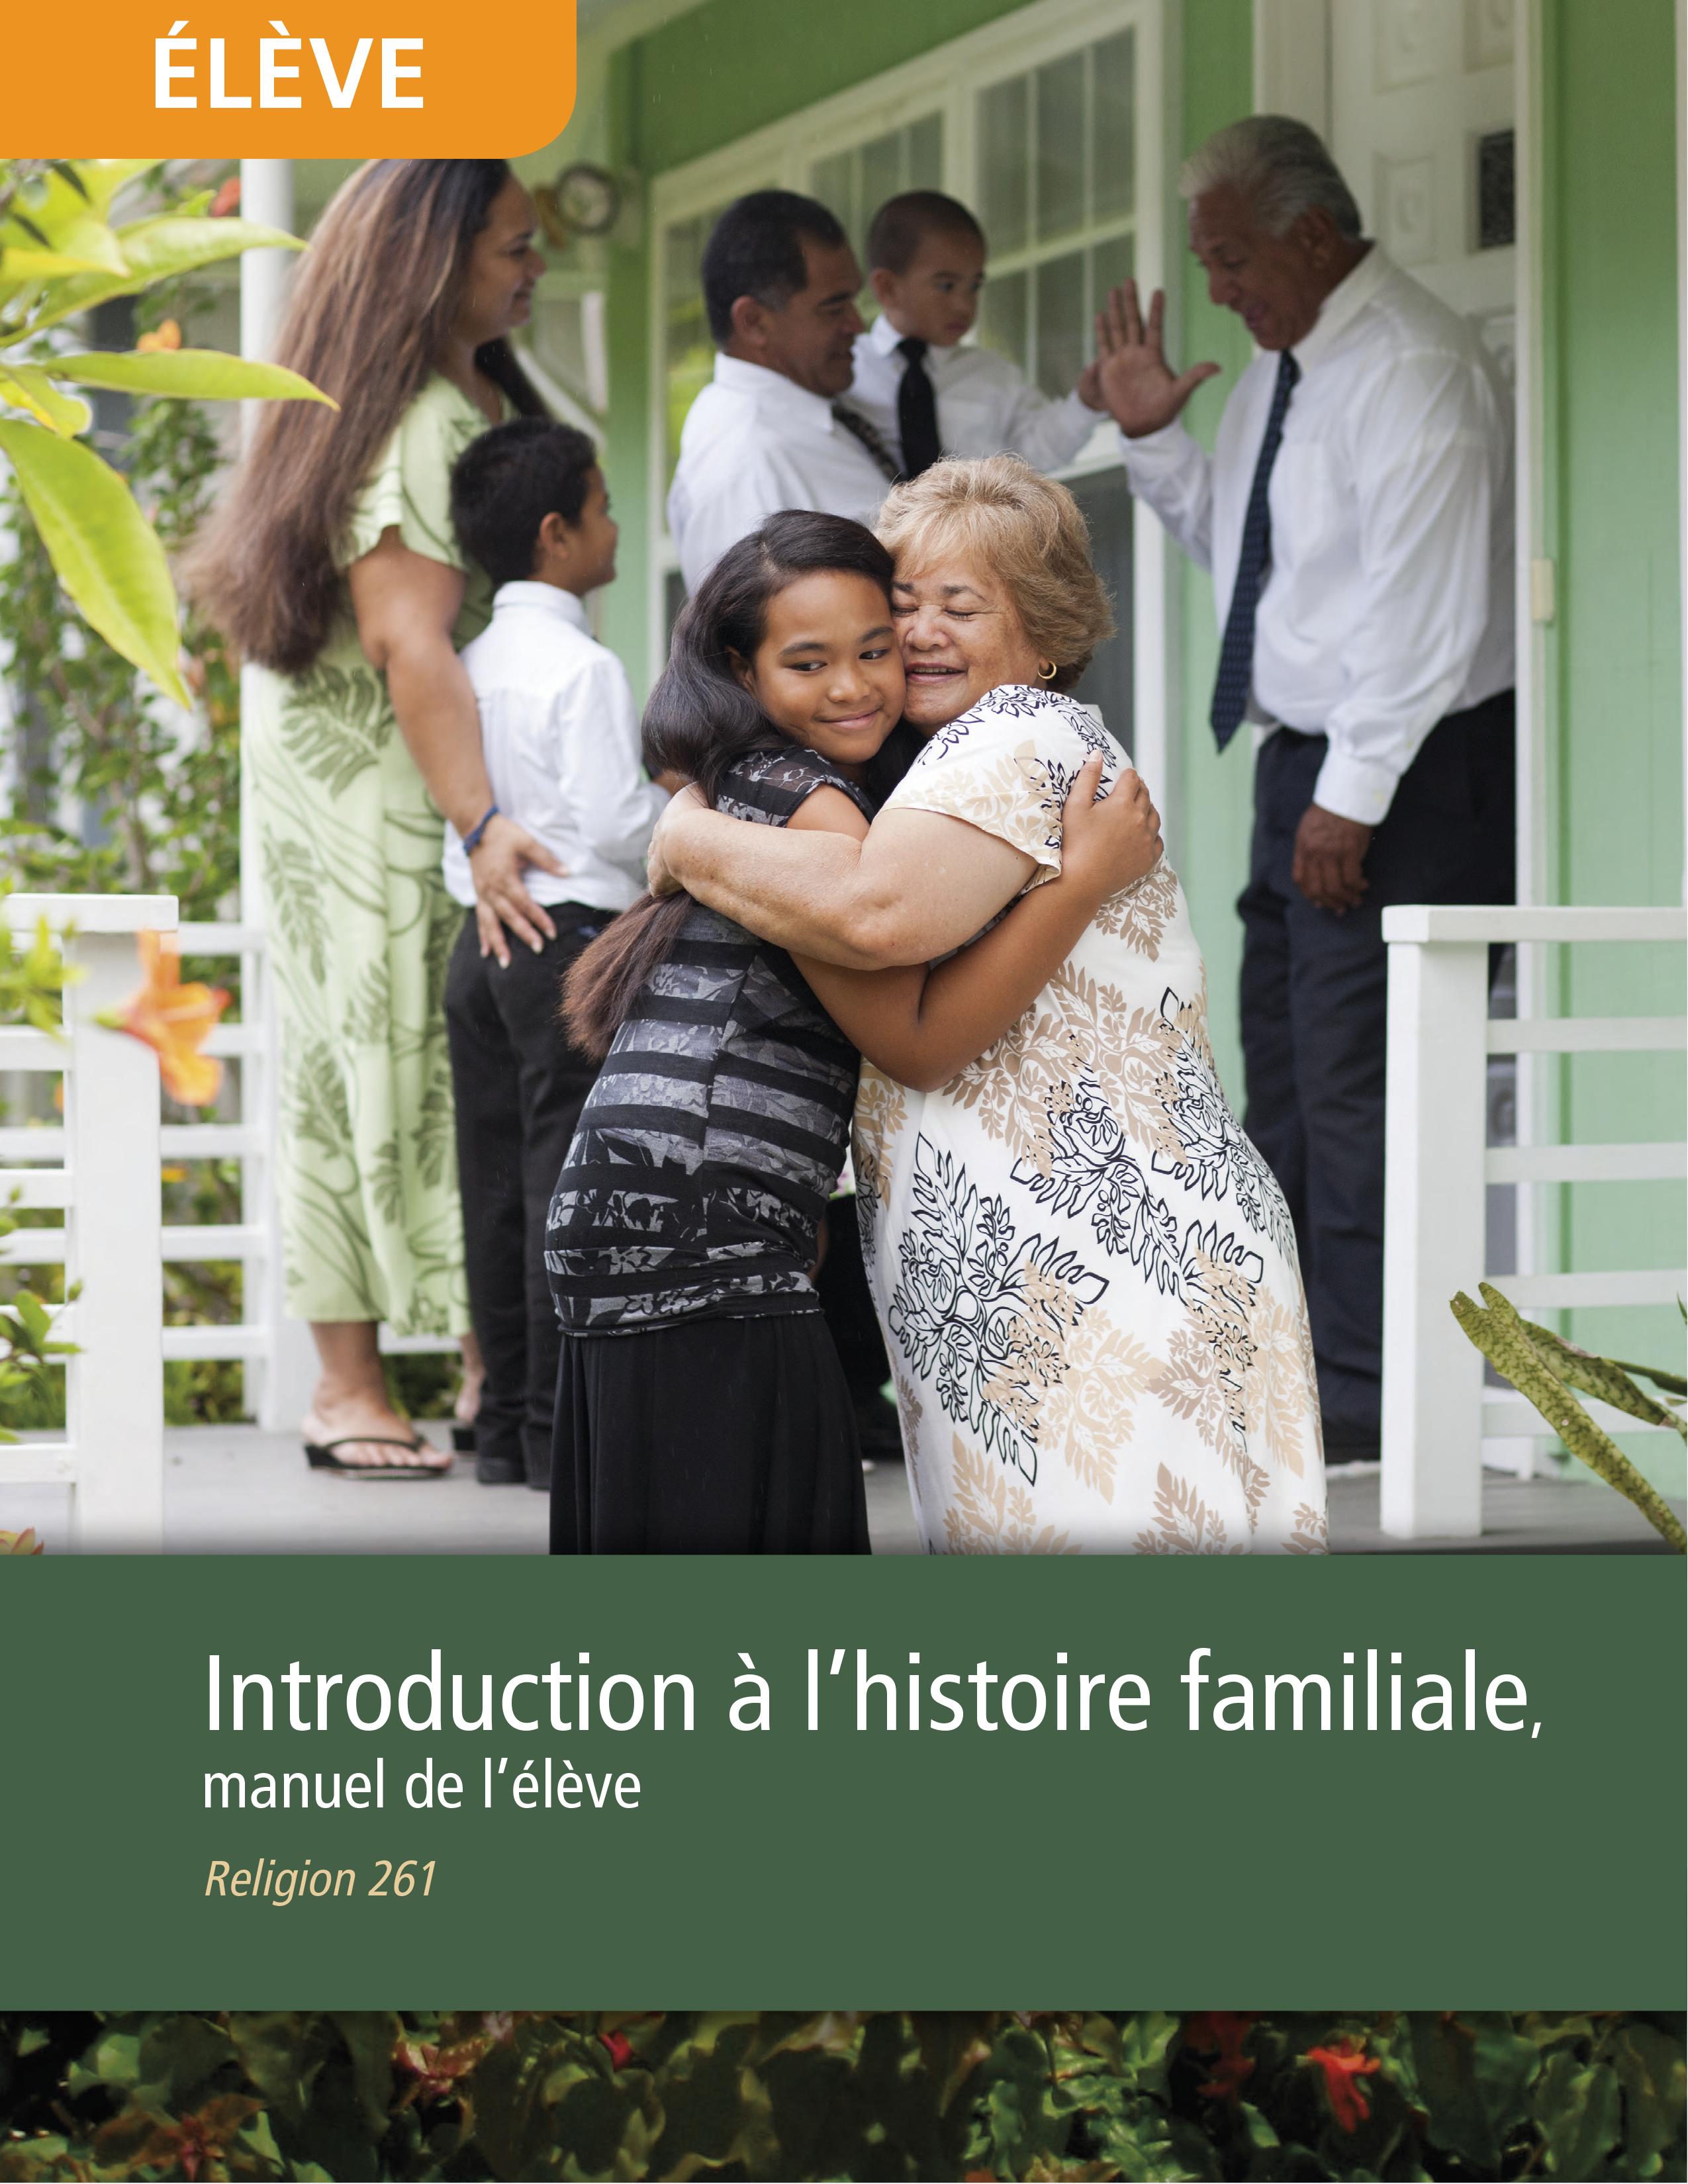 Introduction à l'œuvre de l'histoire familiale, manuel de l'étudiant (Religion 261)